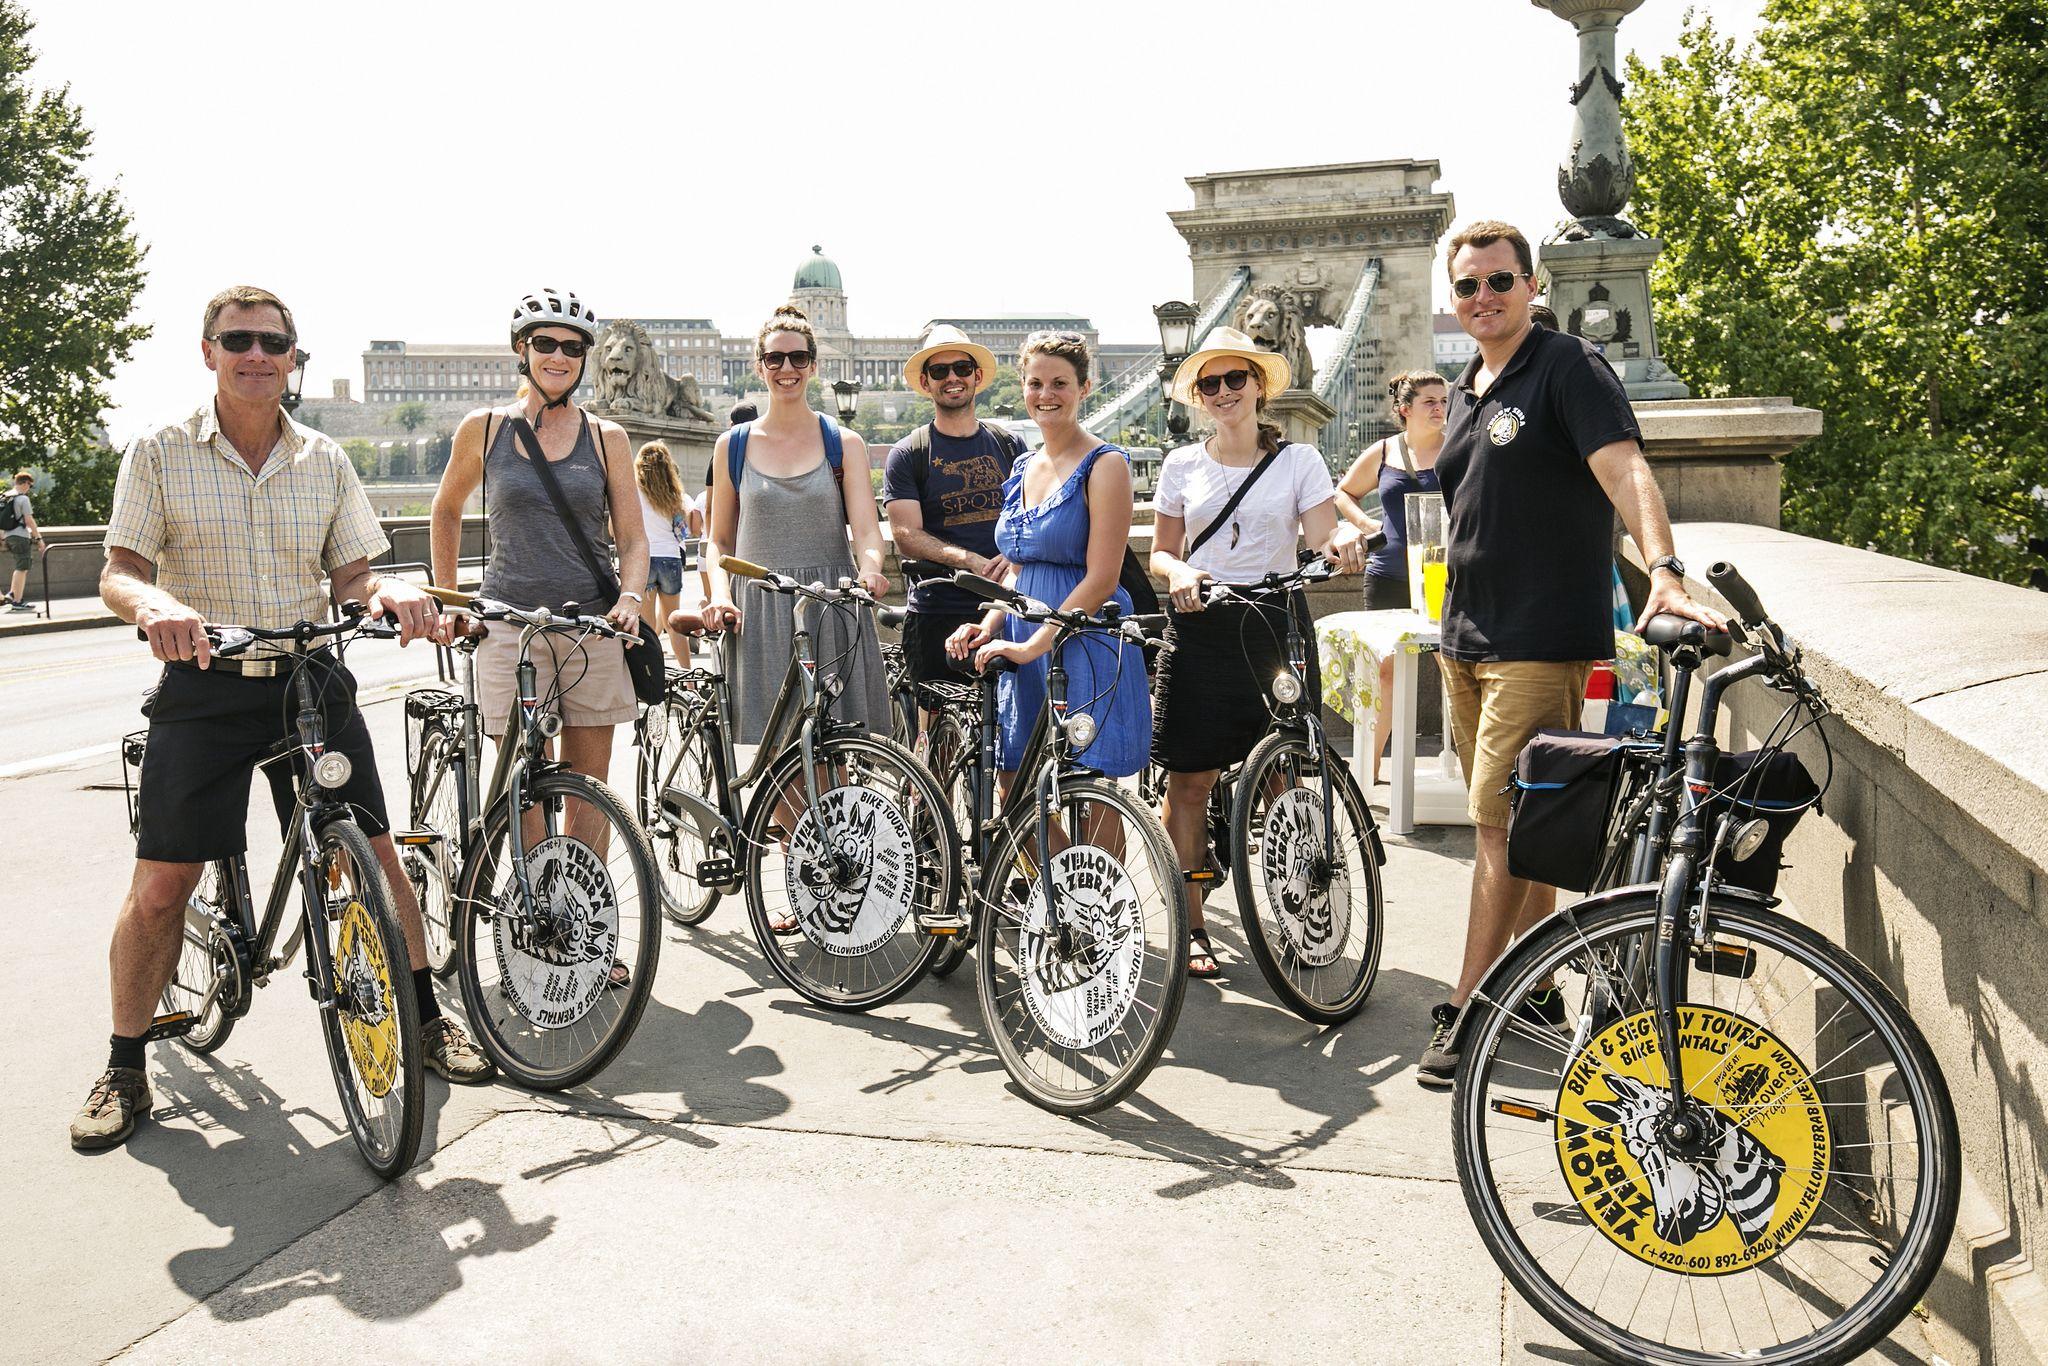 Sykkeltur i liten gruppe med stopp for kaffe